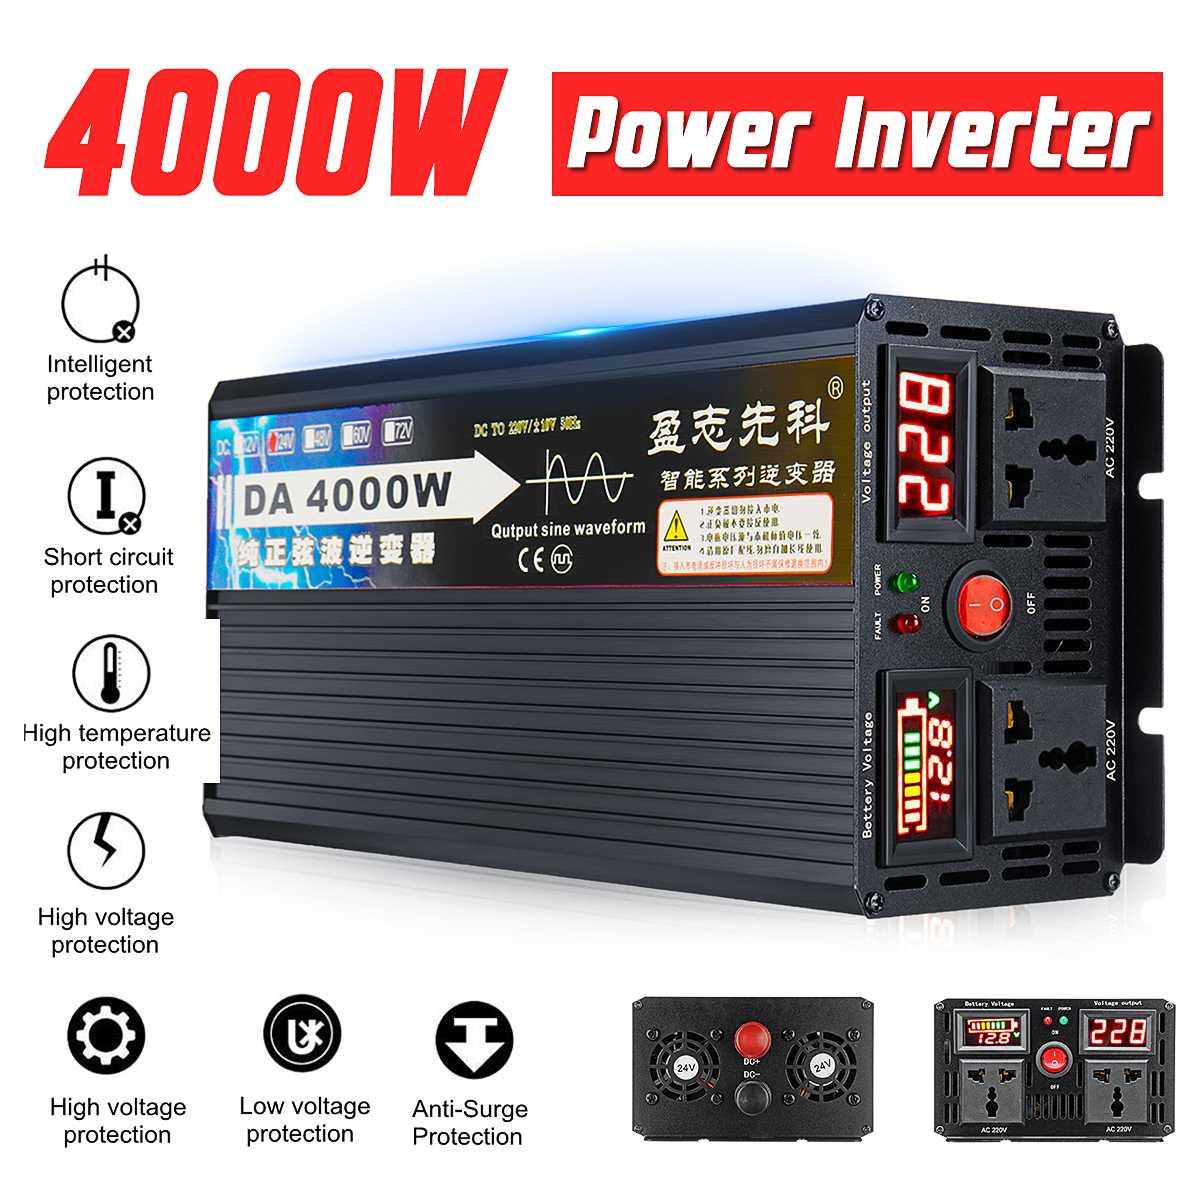 4000W Voltage transformer pure sine wave solar power inverter DC 12V 24V 48V 60V to AC 220V LCD/LED Display4000W Voltage transformer pure sine wave solar power inverter DC 12V 24V 48V 60V to AC 220V LCD/LED Display